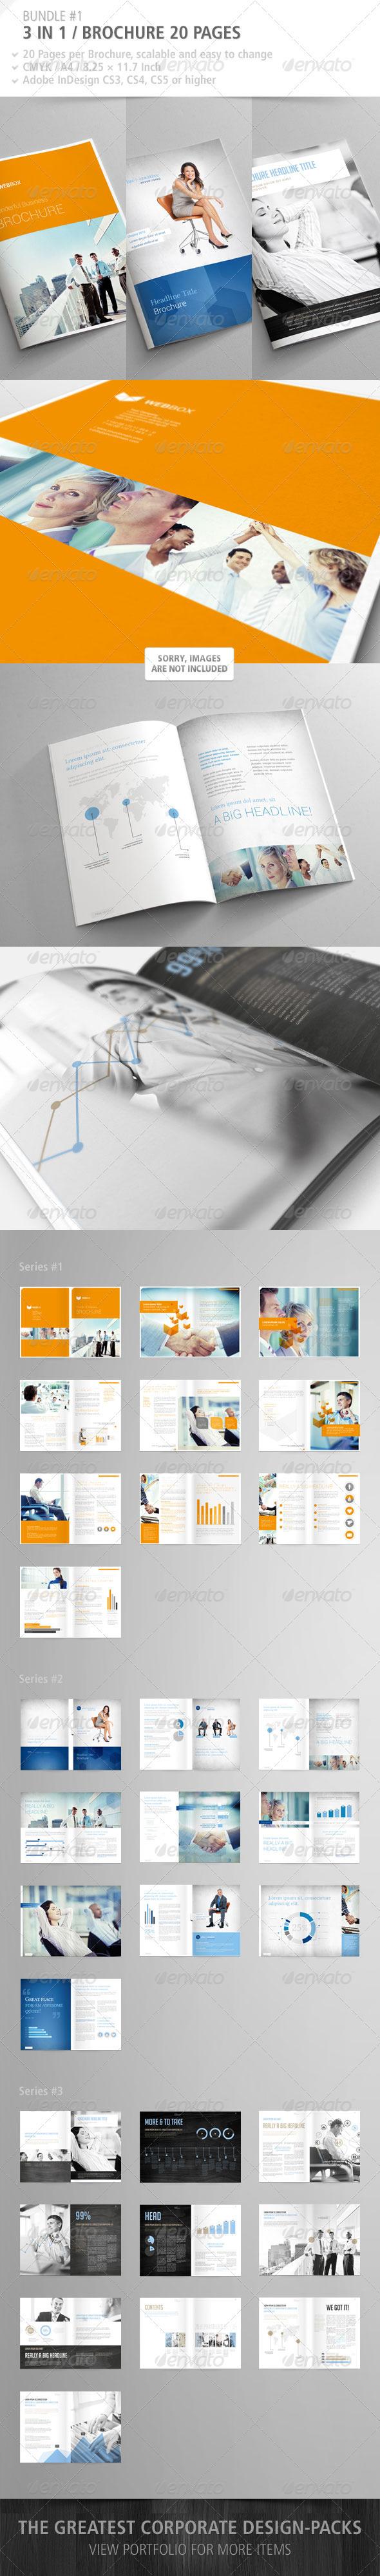 GraphicRiver Brochure 20 Pages Bundle #1 2843464